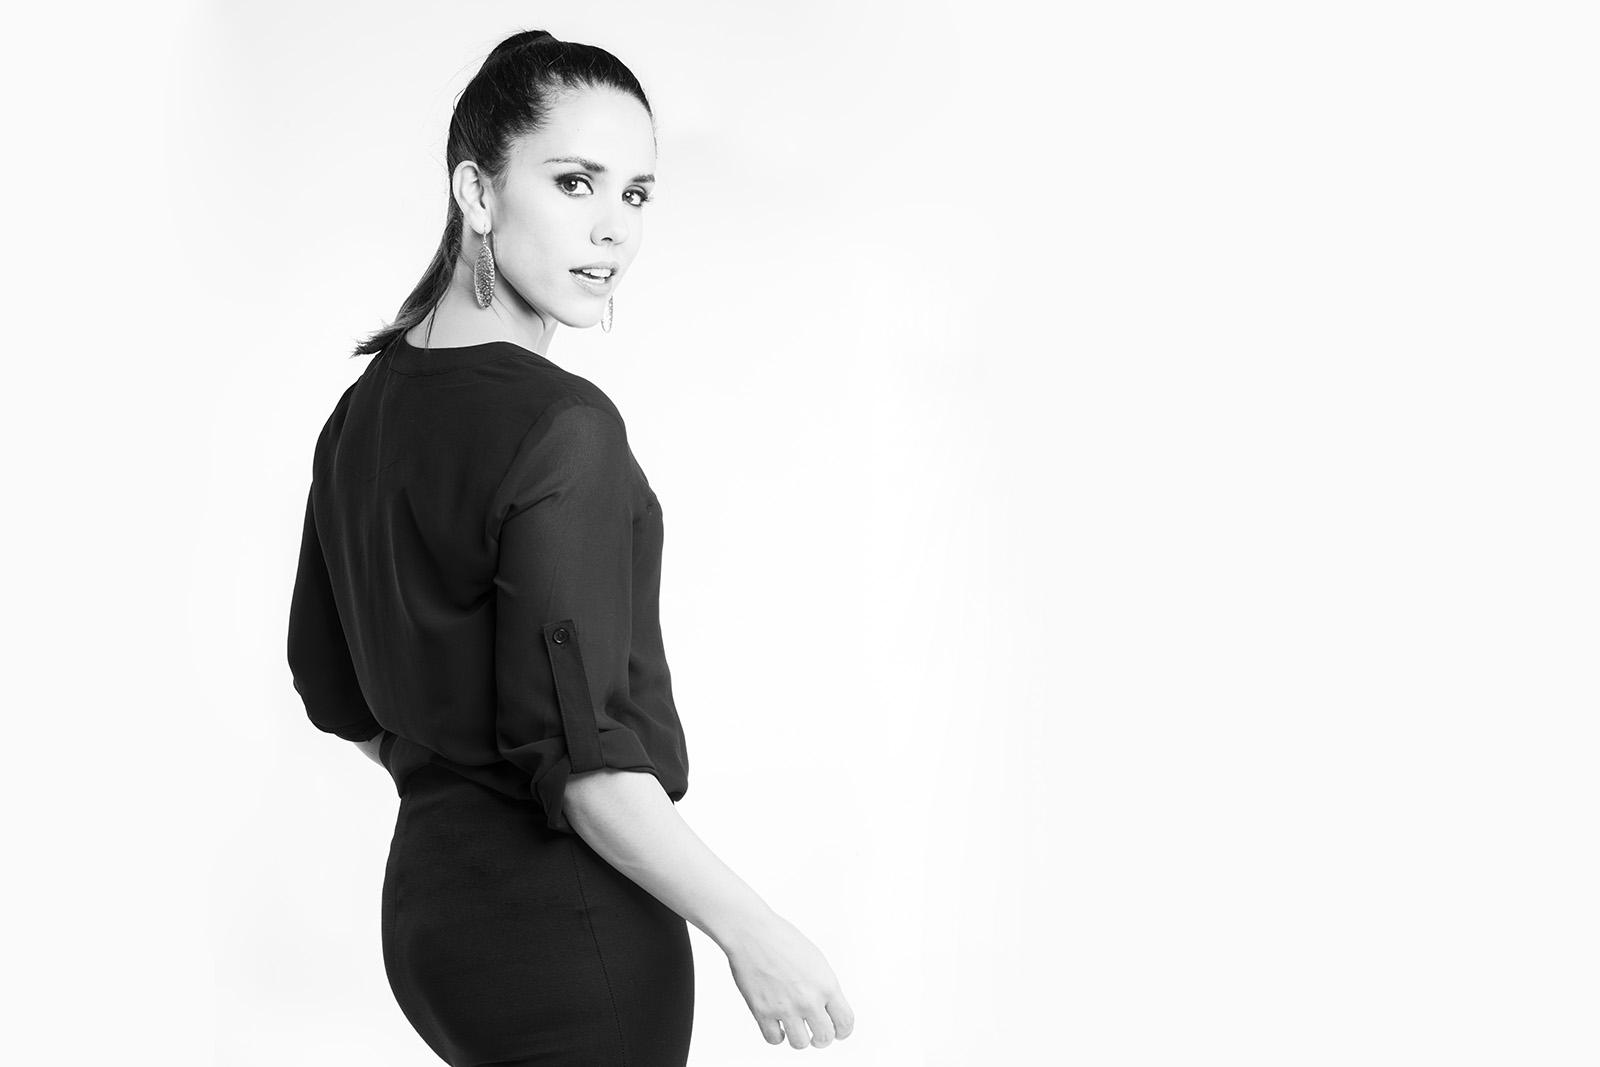 Raquel Bustos_IB_DN-7190